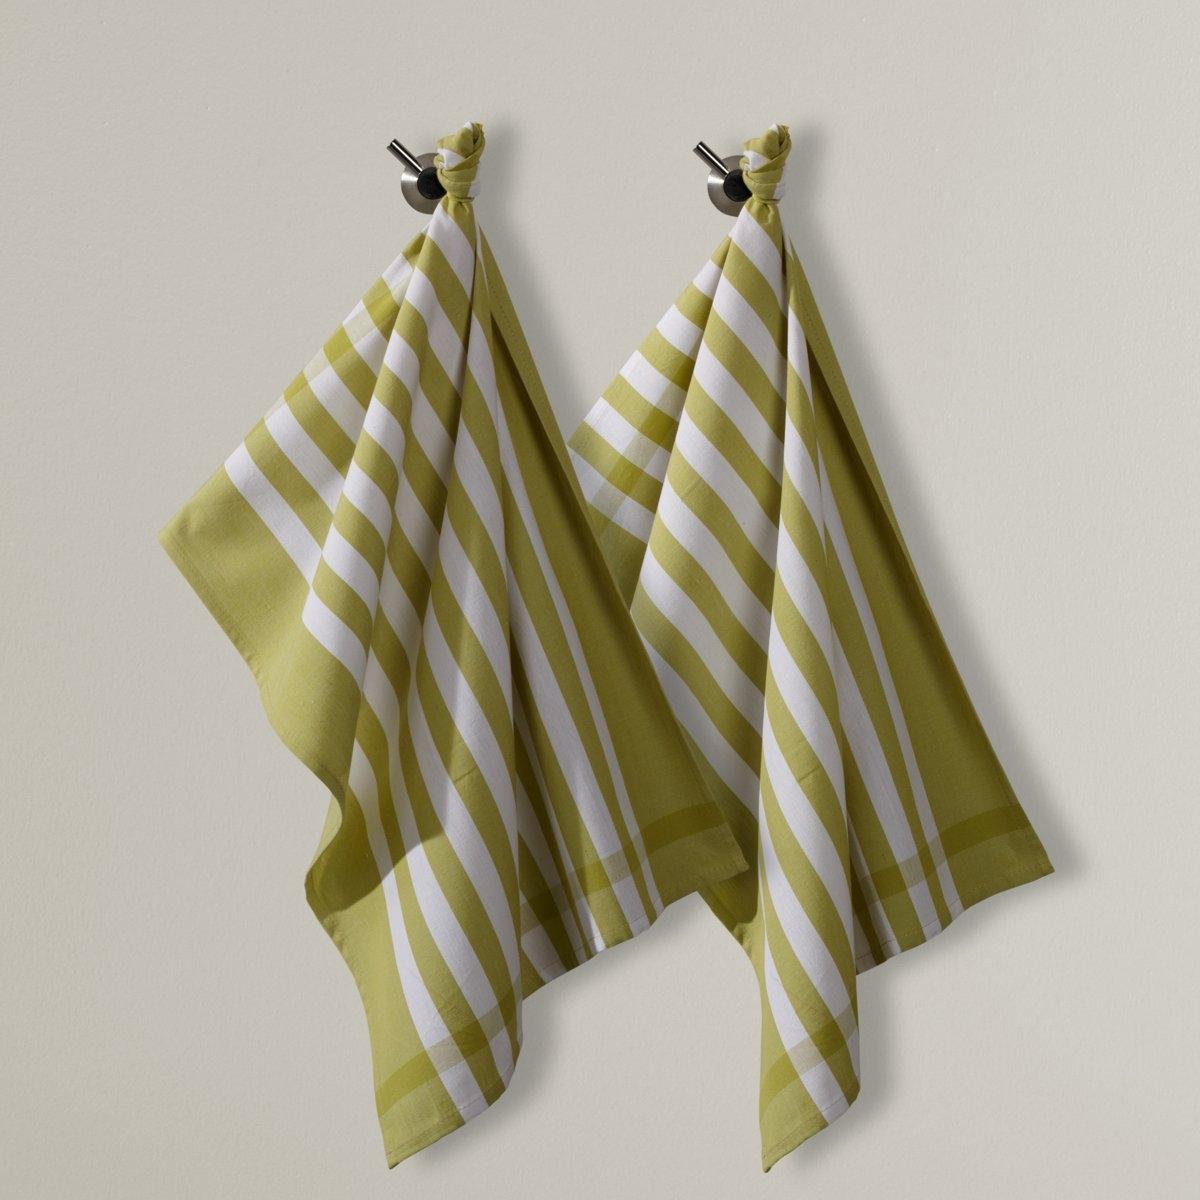 2 полотенца кухонных2 кухонных полотенца в полоску, 100% хлопка. Превосходная стойкость цвета, прочность и отличные впитывающие свойства. Стирка при 60°C. Размер: 50 х 70 см. В комплекте 2 полотенца одного цвета.<br><br>Цвет: зеленый,красный